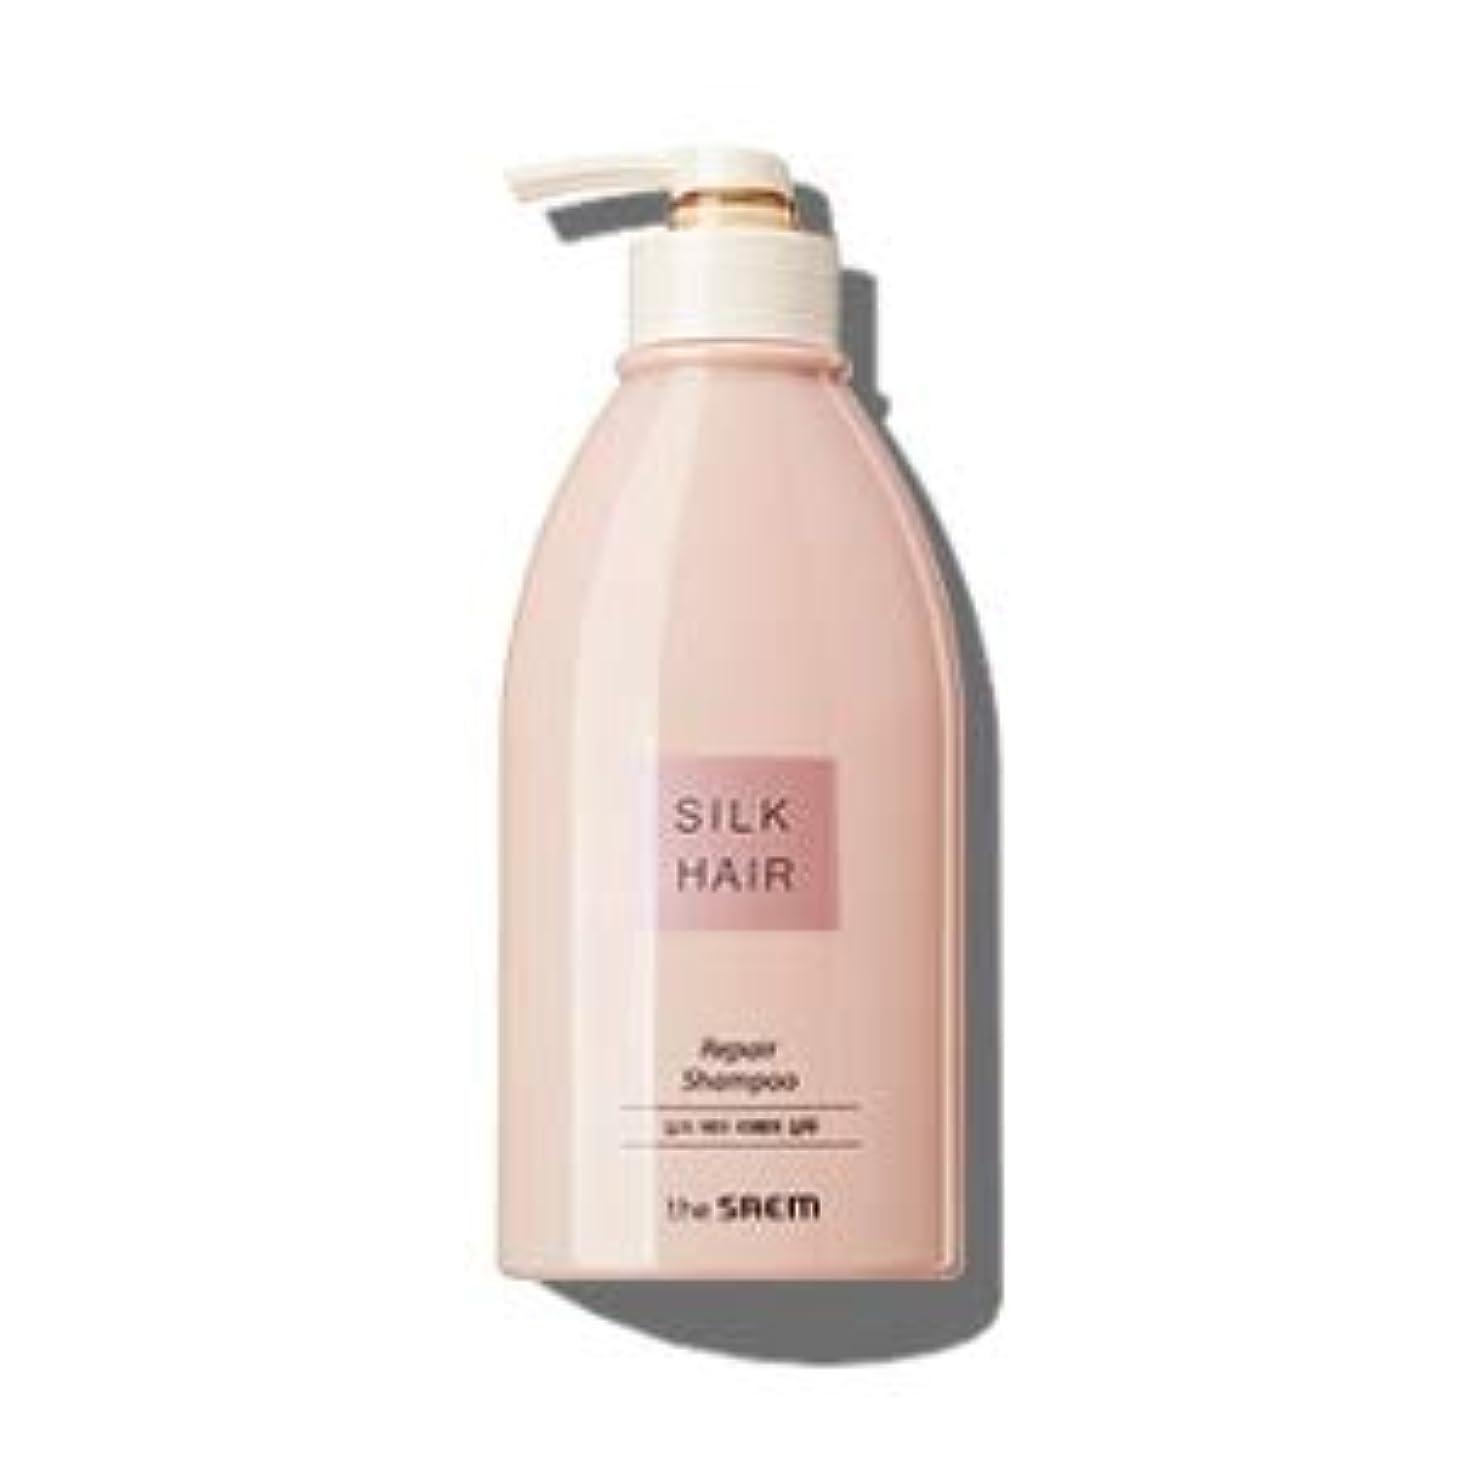 フルーツわざわざ一時停止The SAEM Silk Hair Repair Shampoo ザセム シルクヘアリペアシャンプー 320ml [並行輸入品]